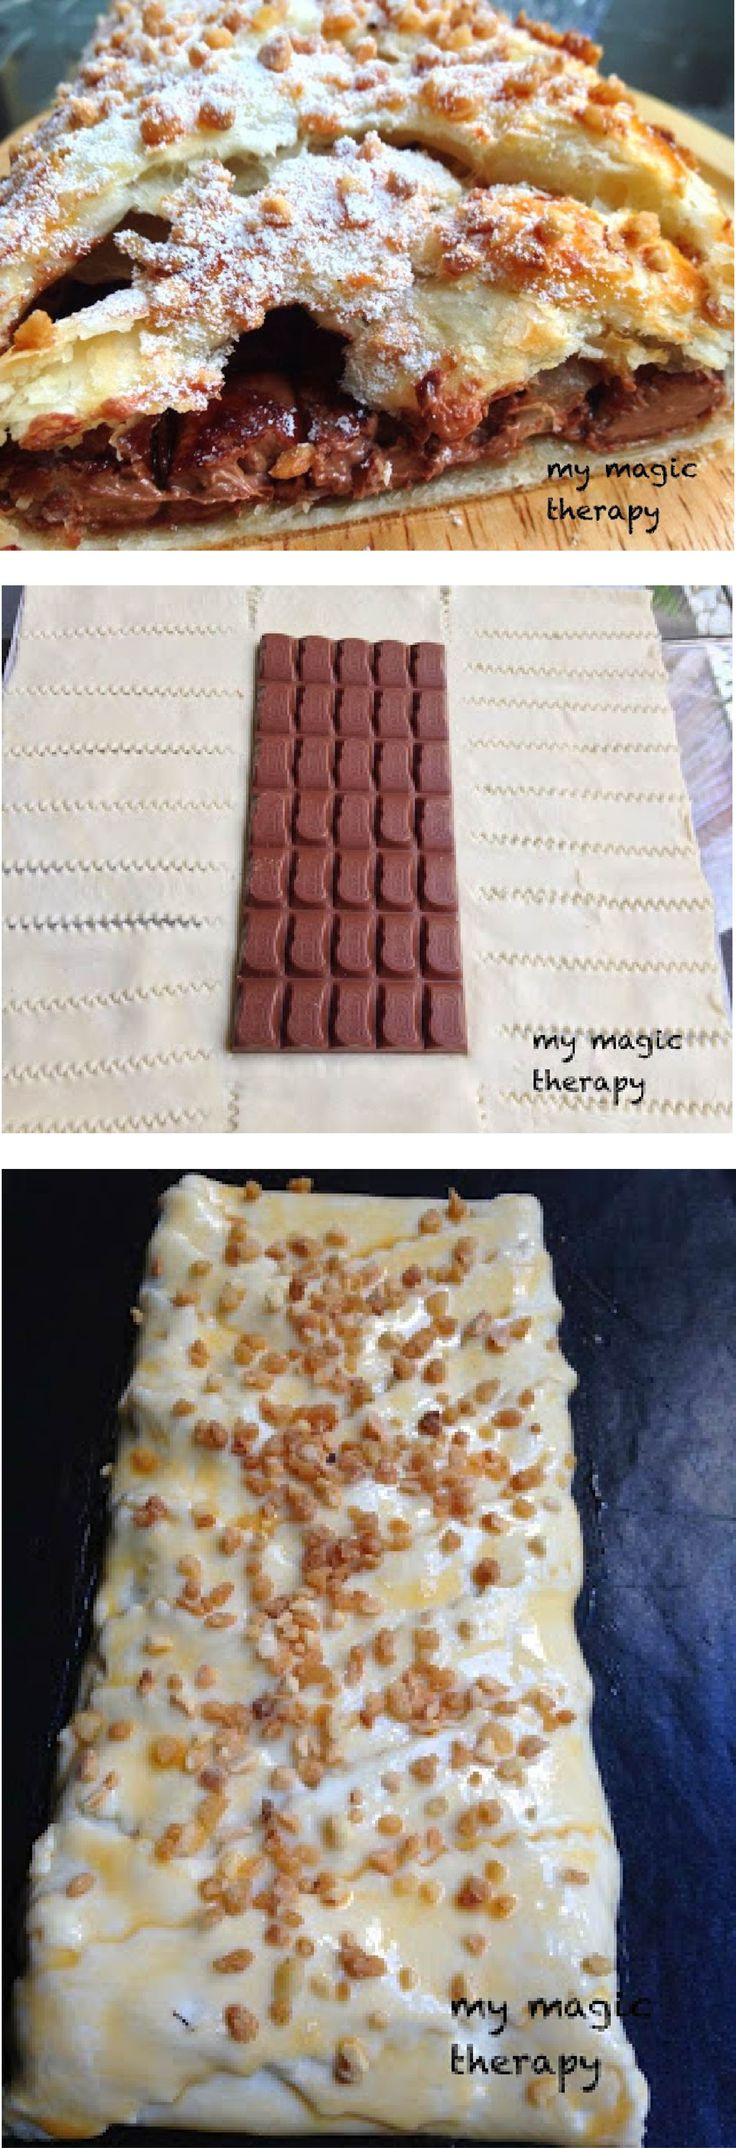 Tarta de chocolate. Fácil fácil: estirar una lámina de hojaldre colocar una tableta de chocolate Nestlé y cerrar. Pintar con huevo y espolvorear con almendra antes de hornear